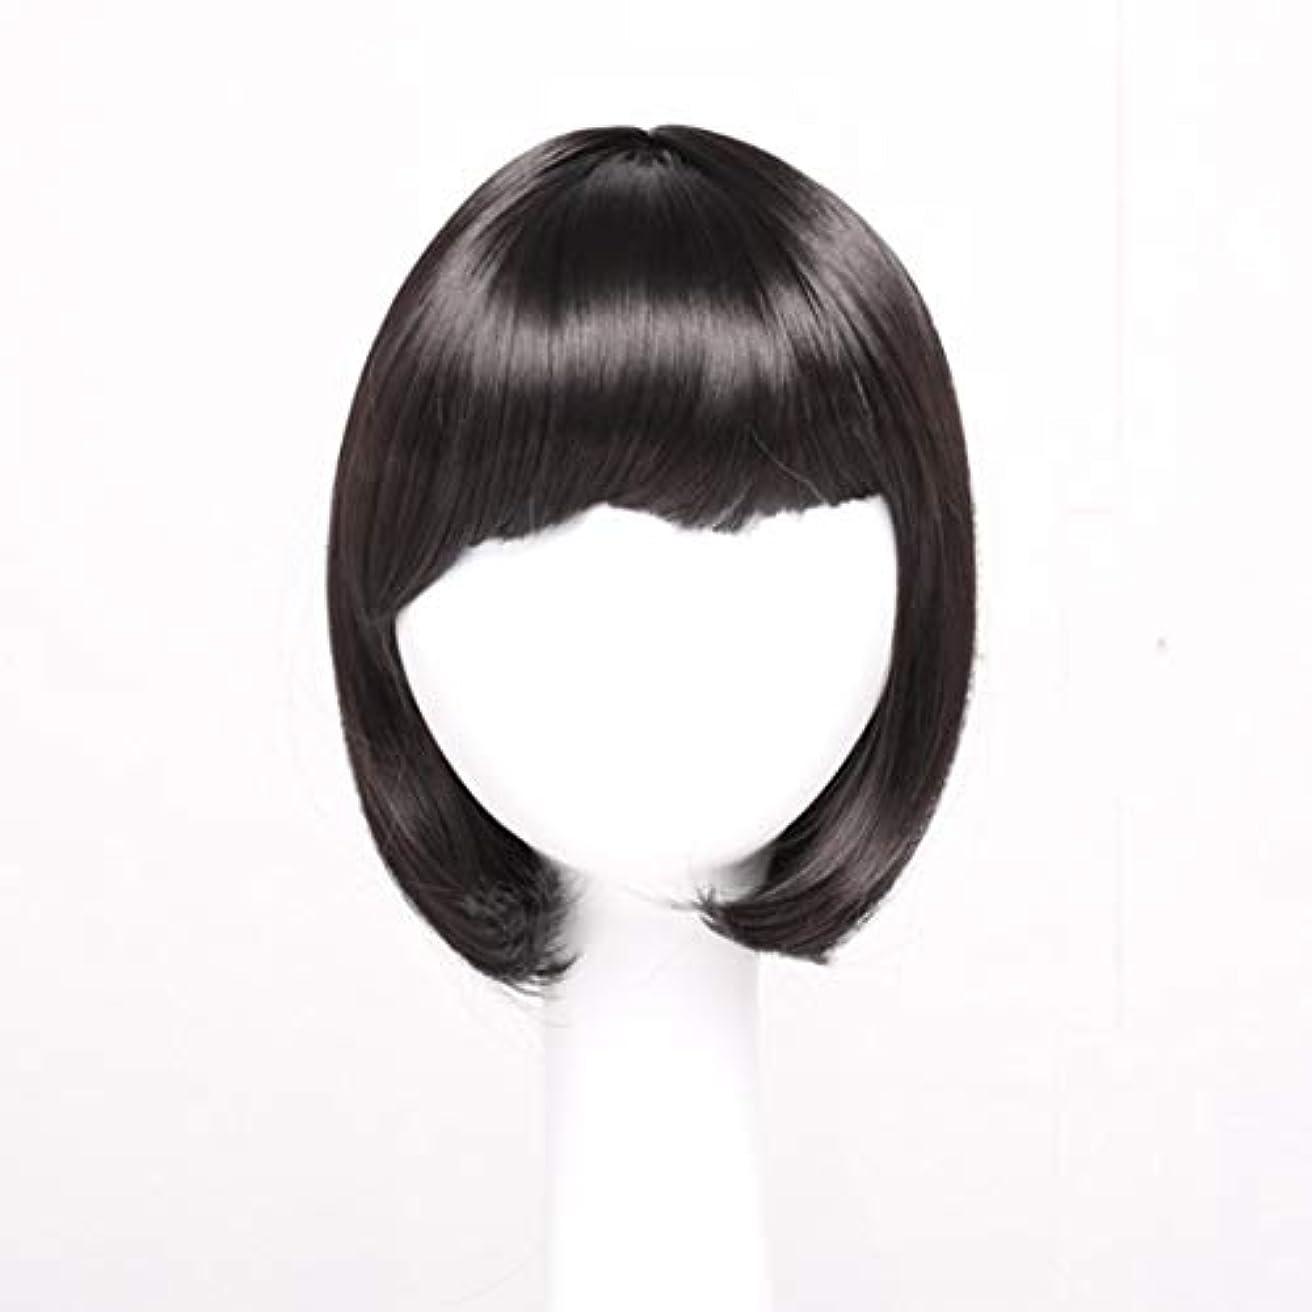 一貫性のない参加する疑わしいSummerys レディースブラックショートストレートヘアー前髪付き前髪ウェーブヘッドかつらセットヘッドギア (Color : Navy brown)